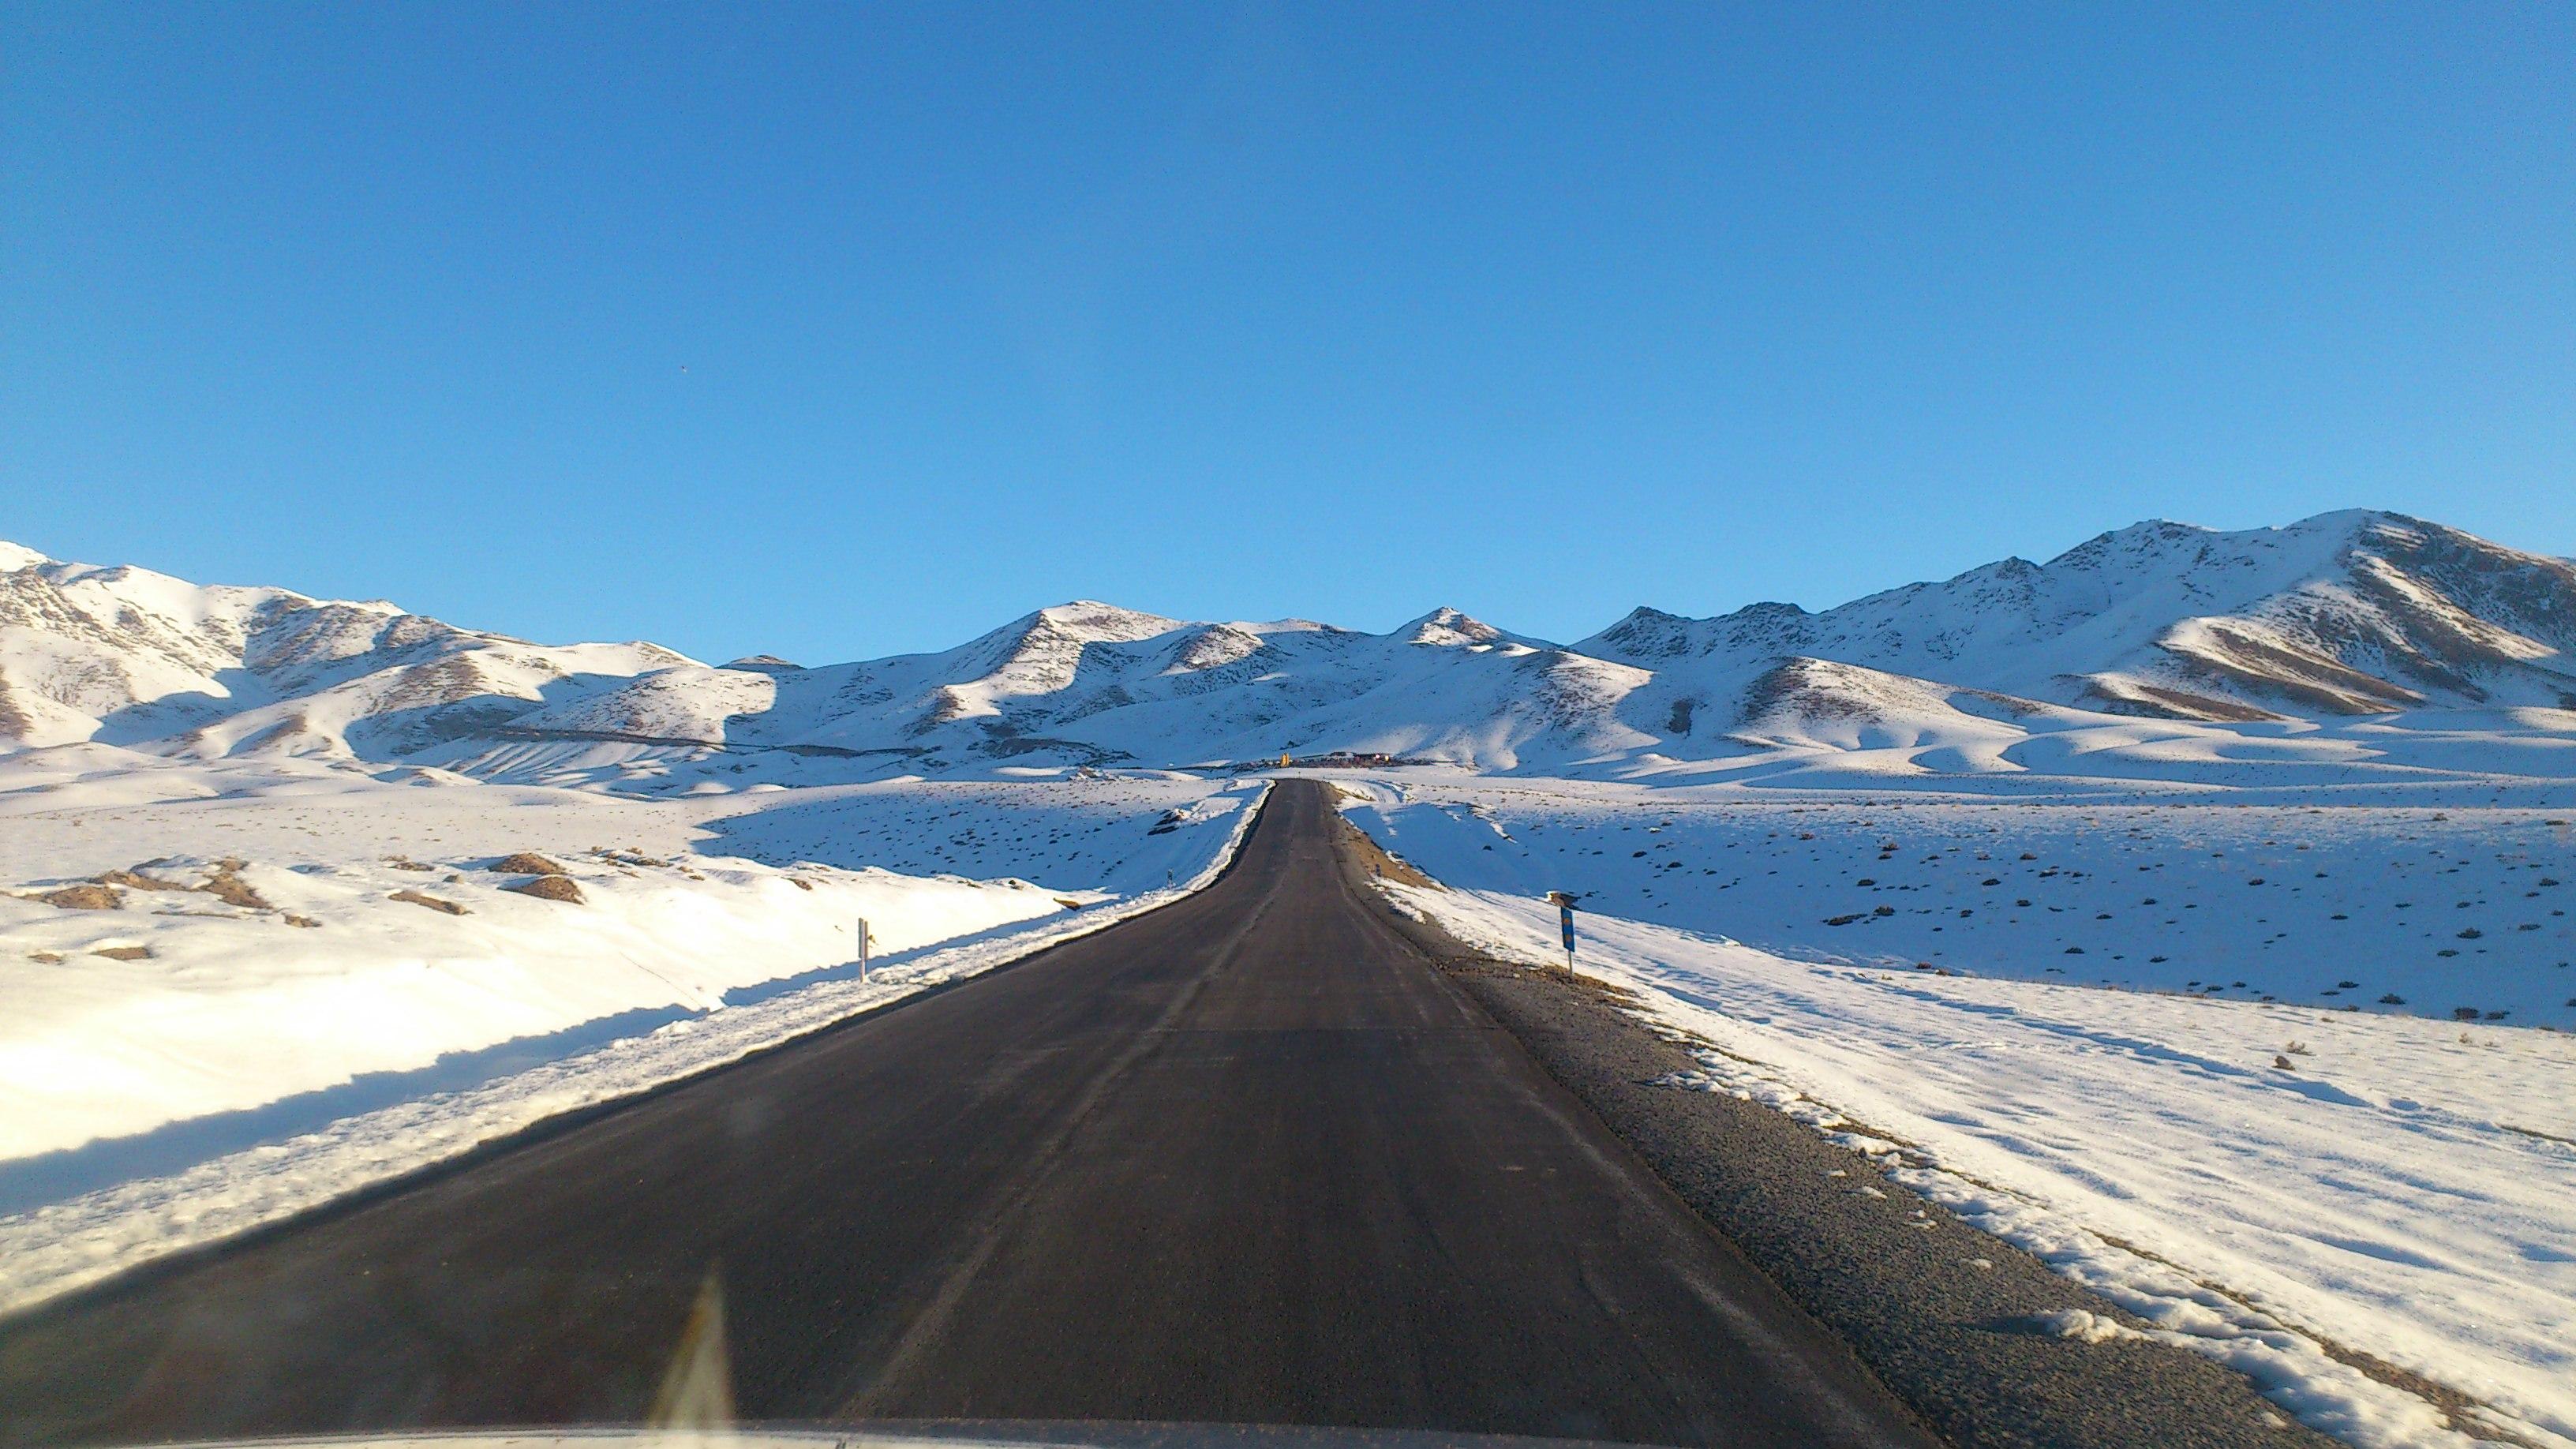 جاده دسترسی به سایت رصدخانه ملی ایران در قله گرگش